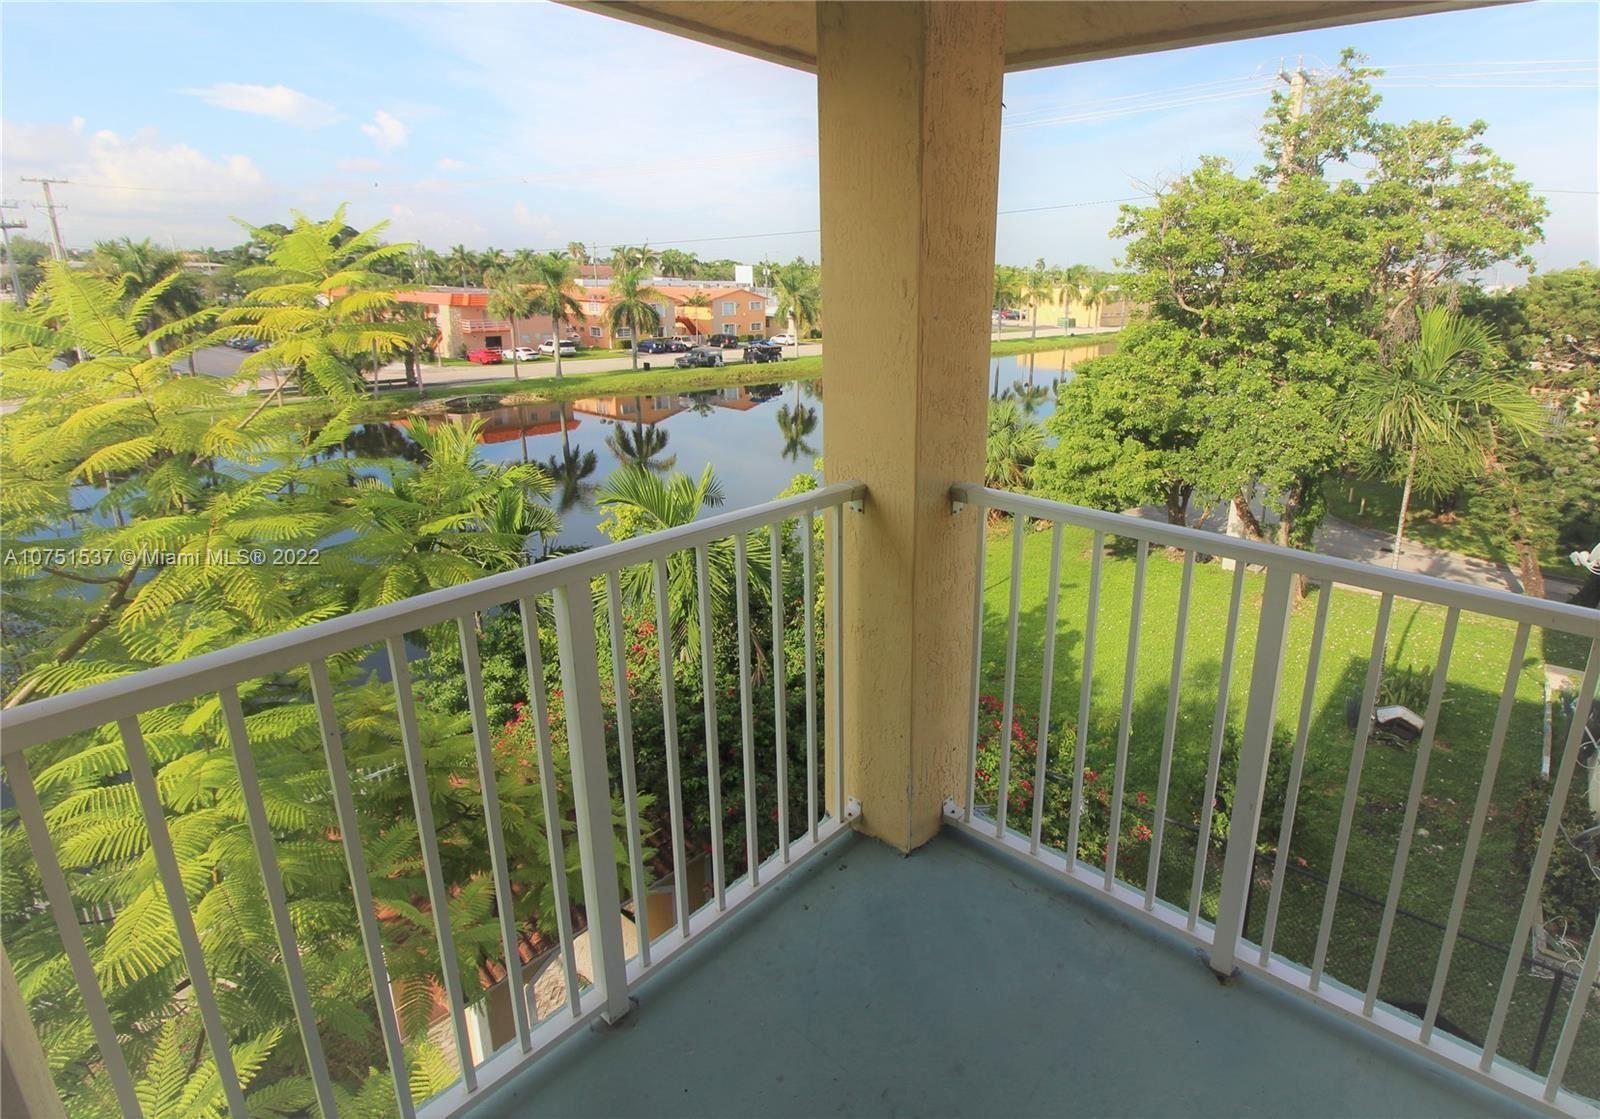 2034 NE 167th St #3-133, North Miami Beach, FL 33162 - #: A10751537